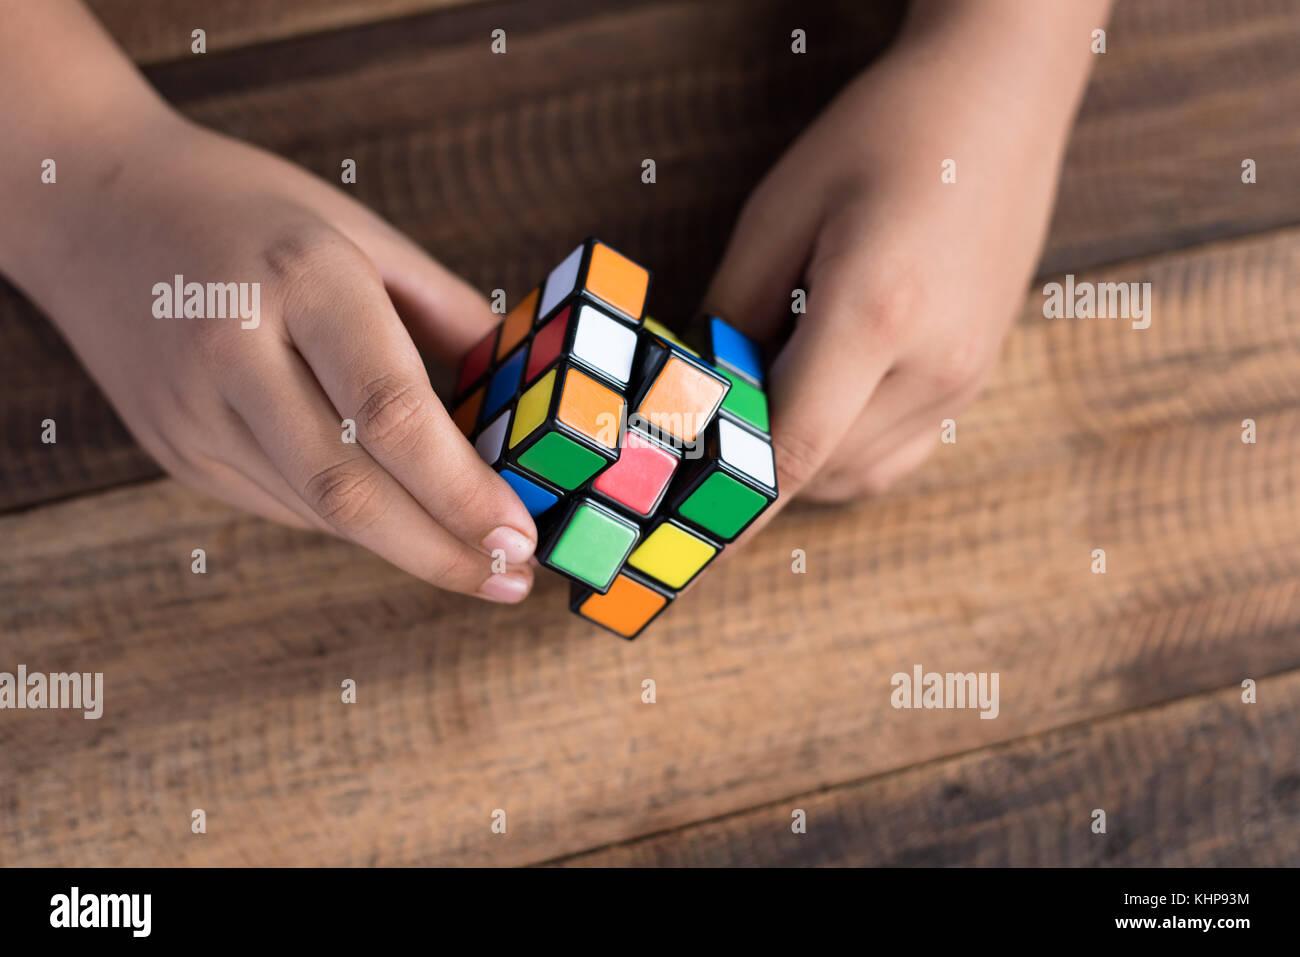 Ragazzo asiatico giocando con il cubo di Rubik.boy risolvendo puzzle.brain teaser toy Immagini Stock